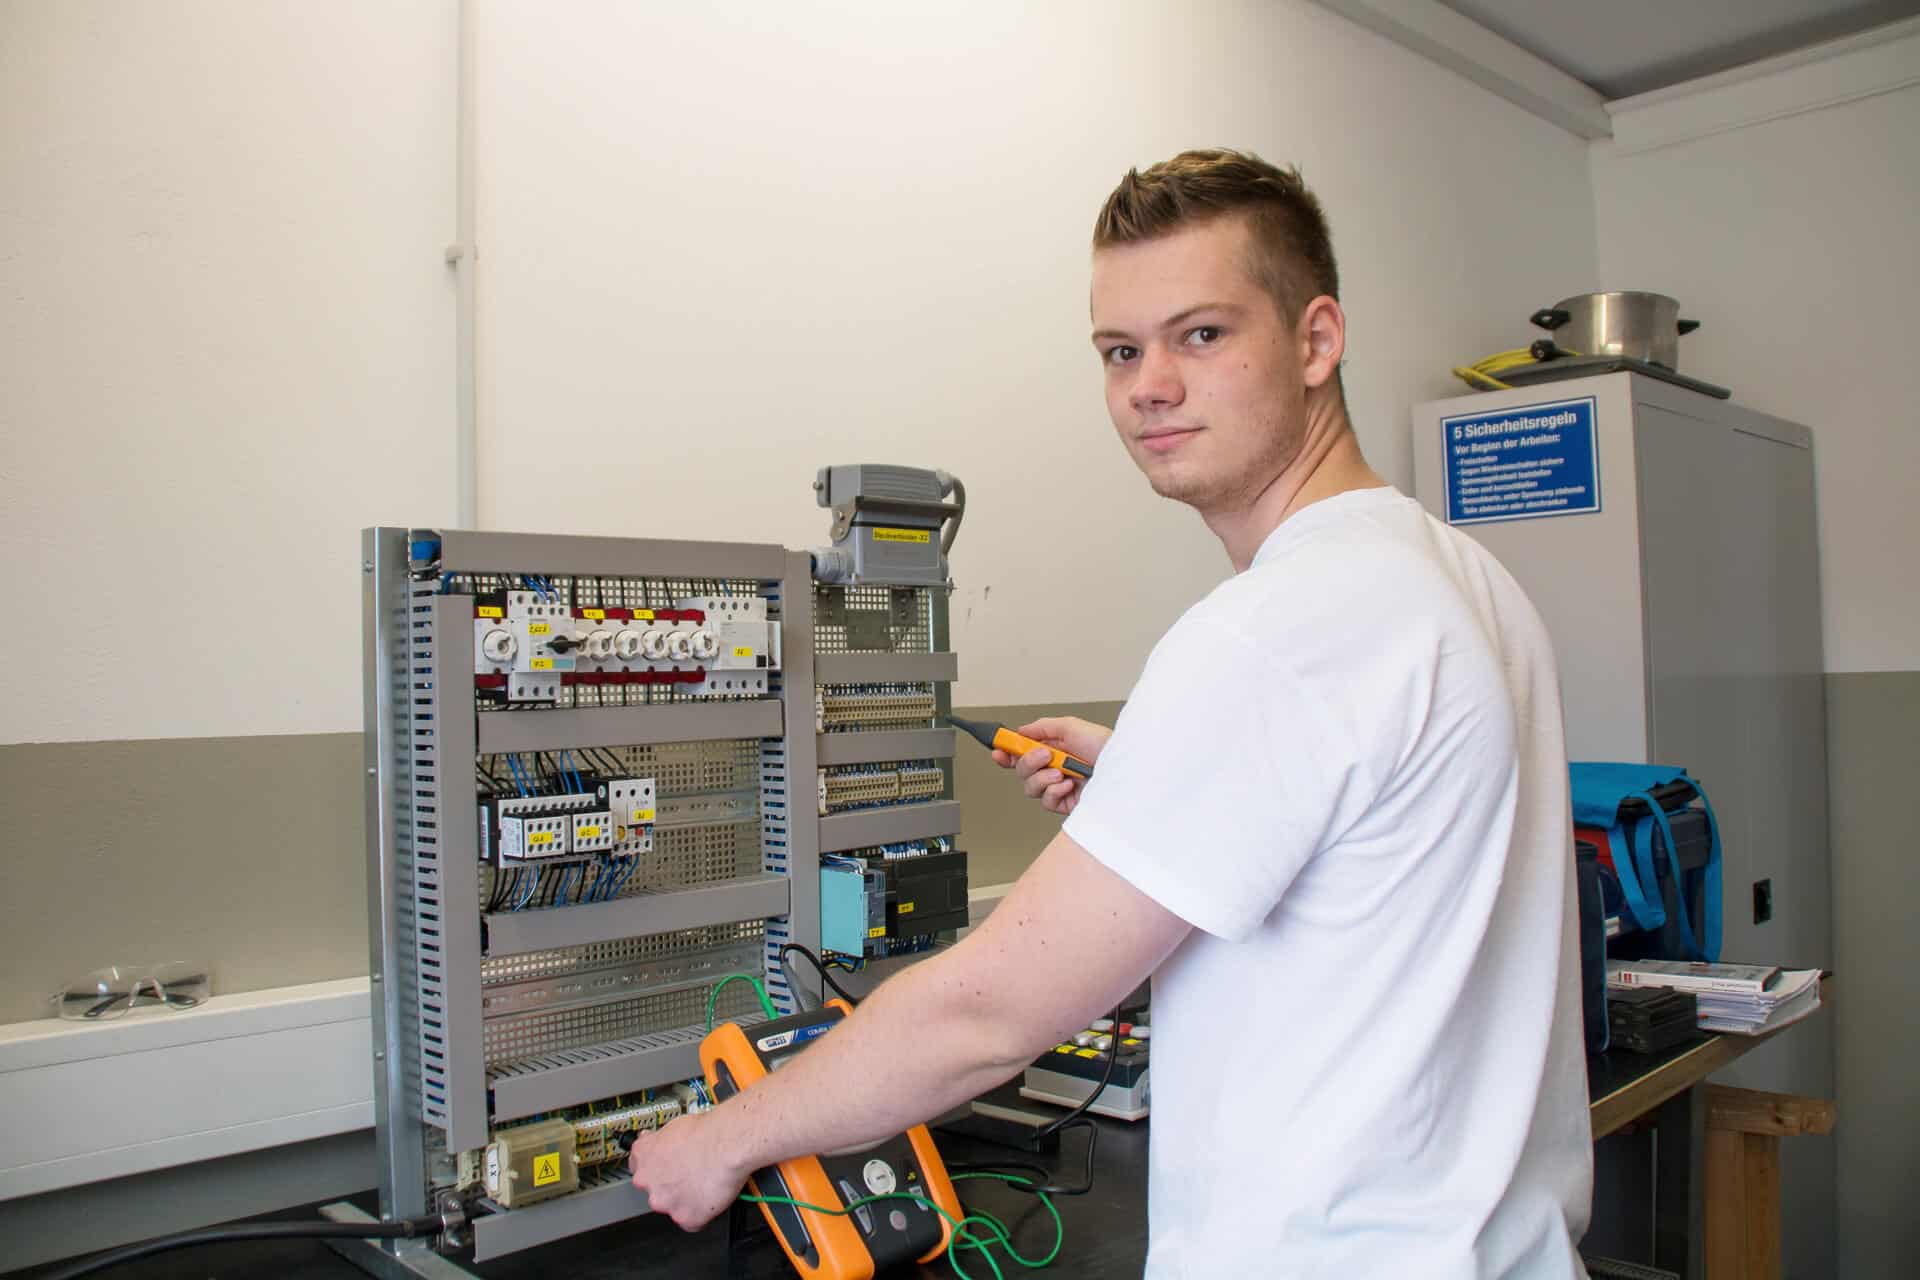 Elektroniker für Betriebstechnik in der Molkerei Rücker